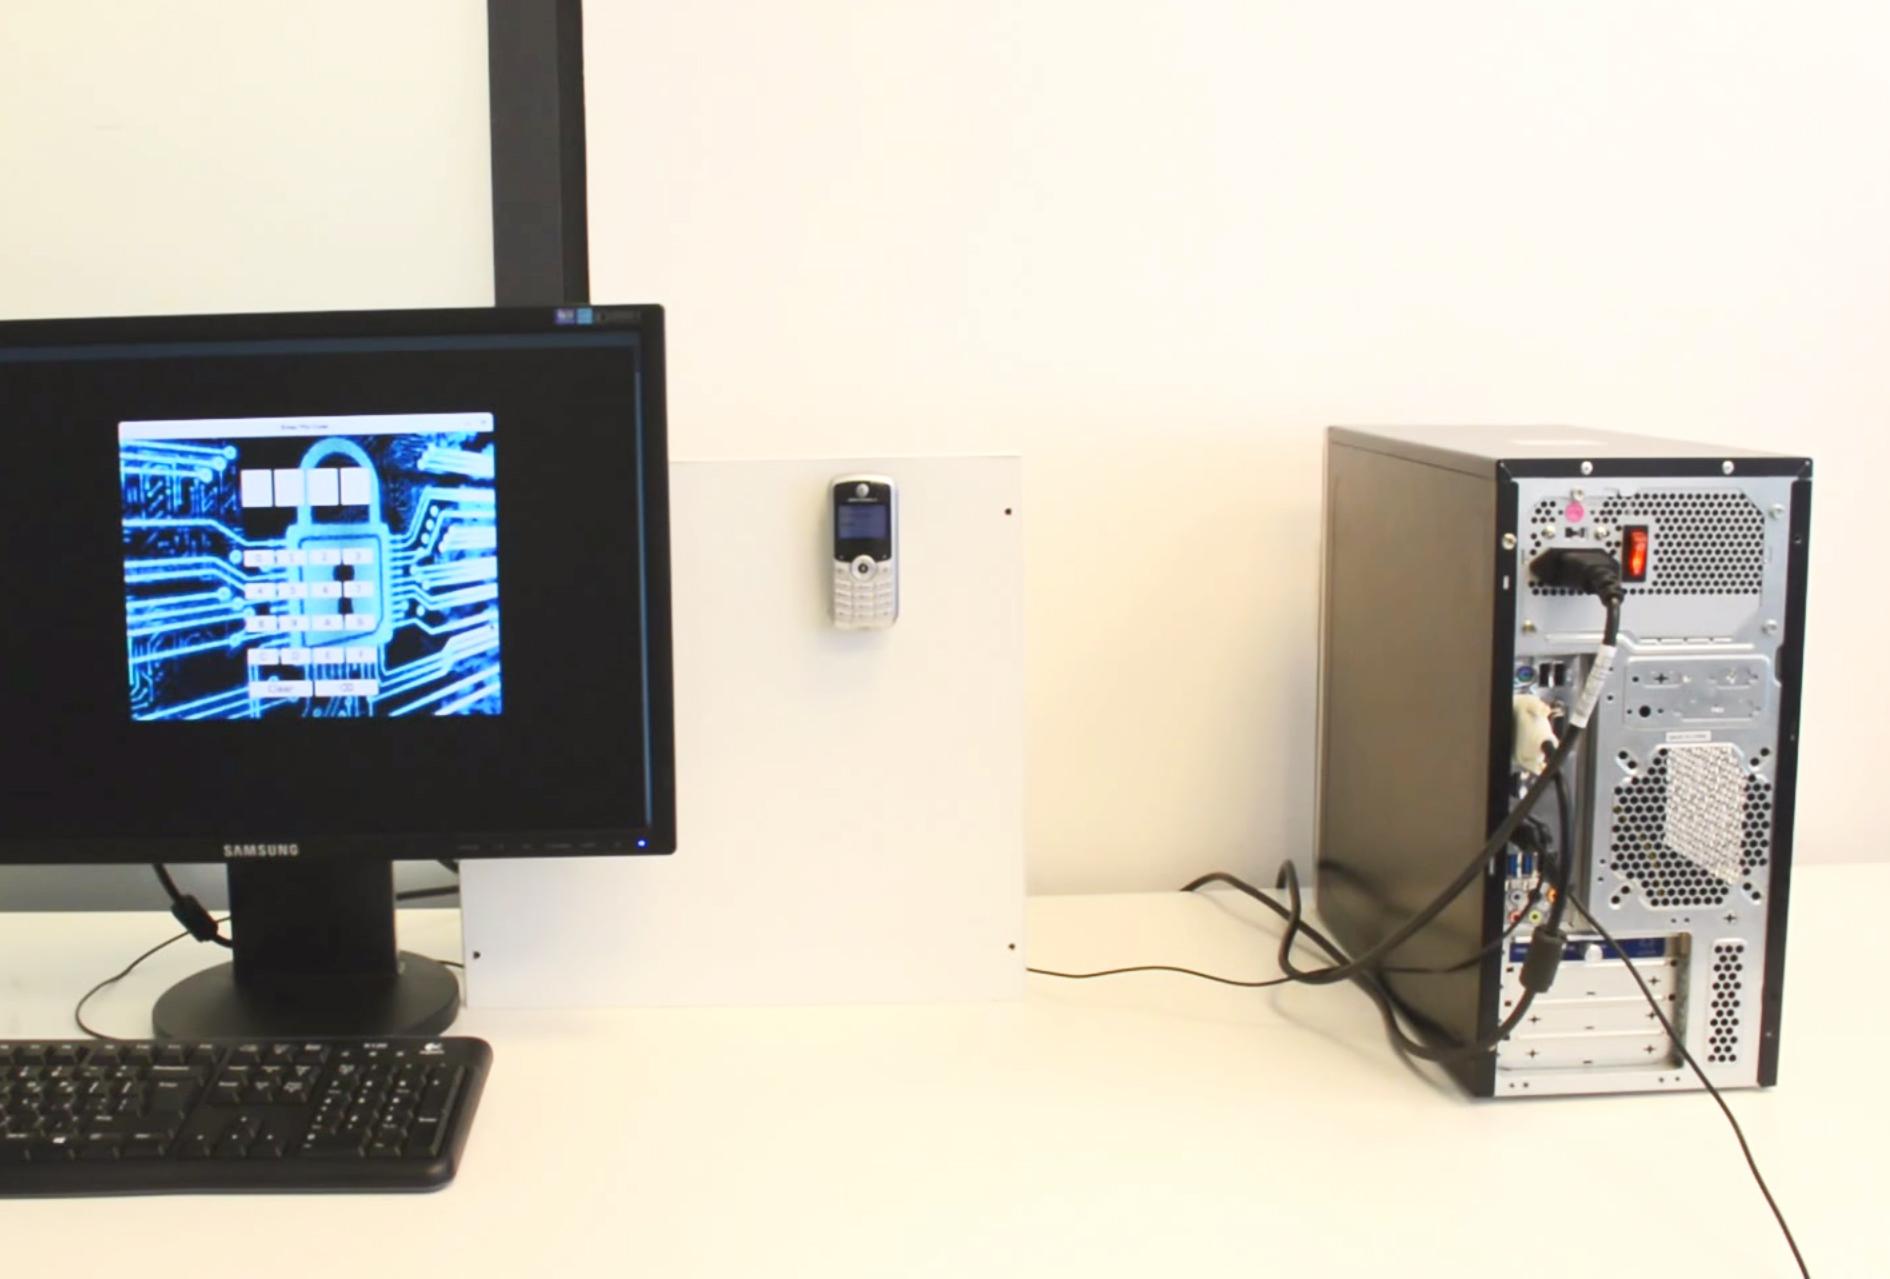 Xâm nhập máy tính không kết nối Internet bằng một chiếc điện thoại đơn giản